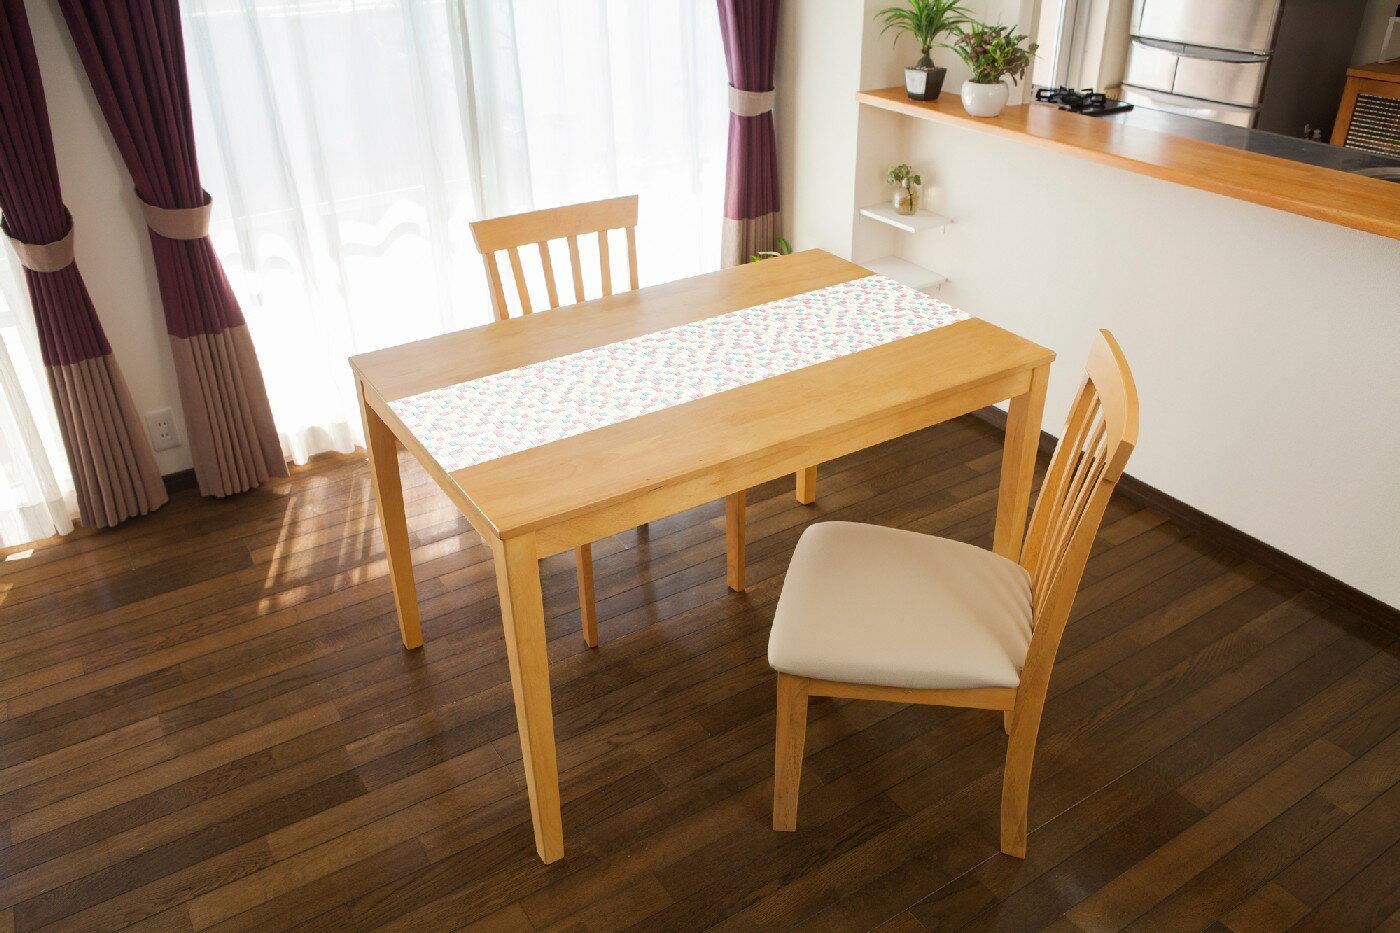 ◇【送料無料】貼るテーブルデコレーションモザイクタイルP30cm×150cm【386244】■